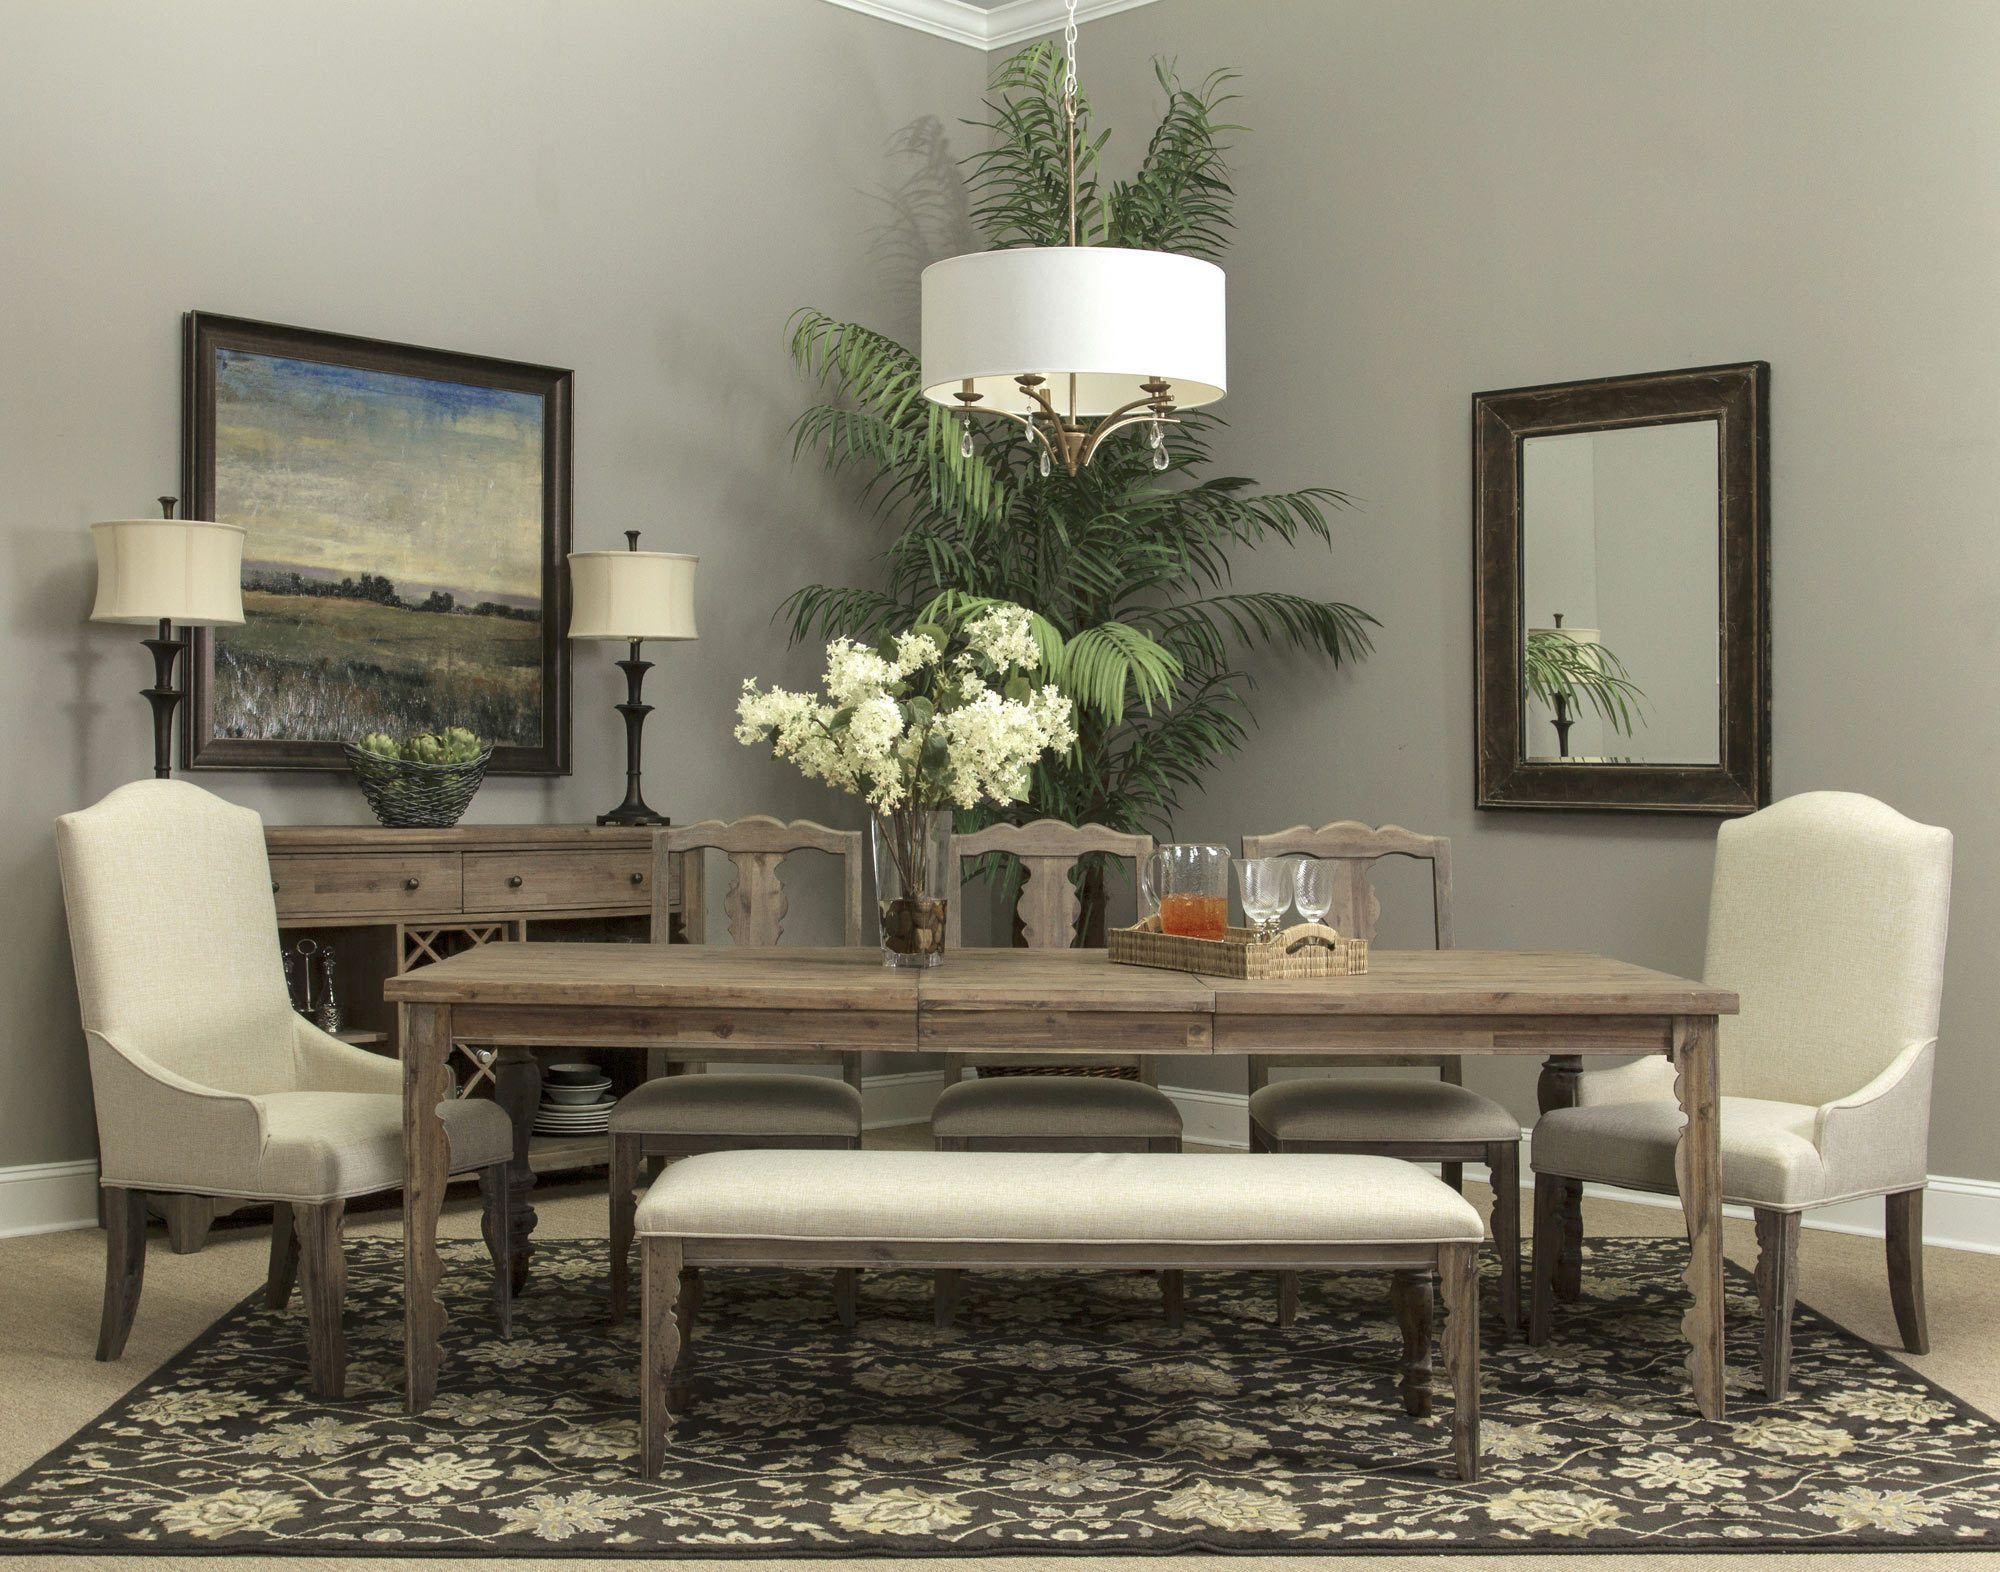 Magnolia Dining Room Set | Fairmont Designs Furniture ...